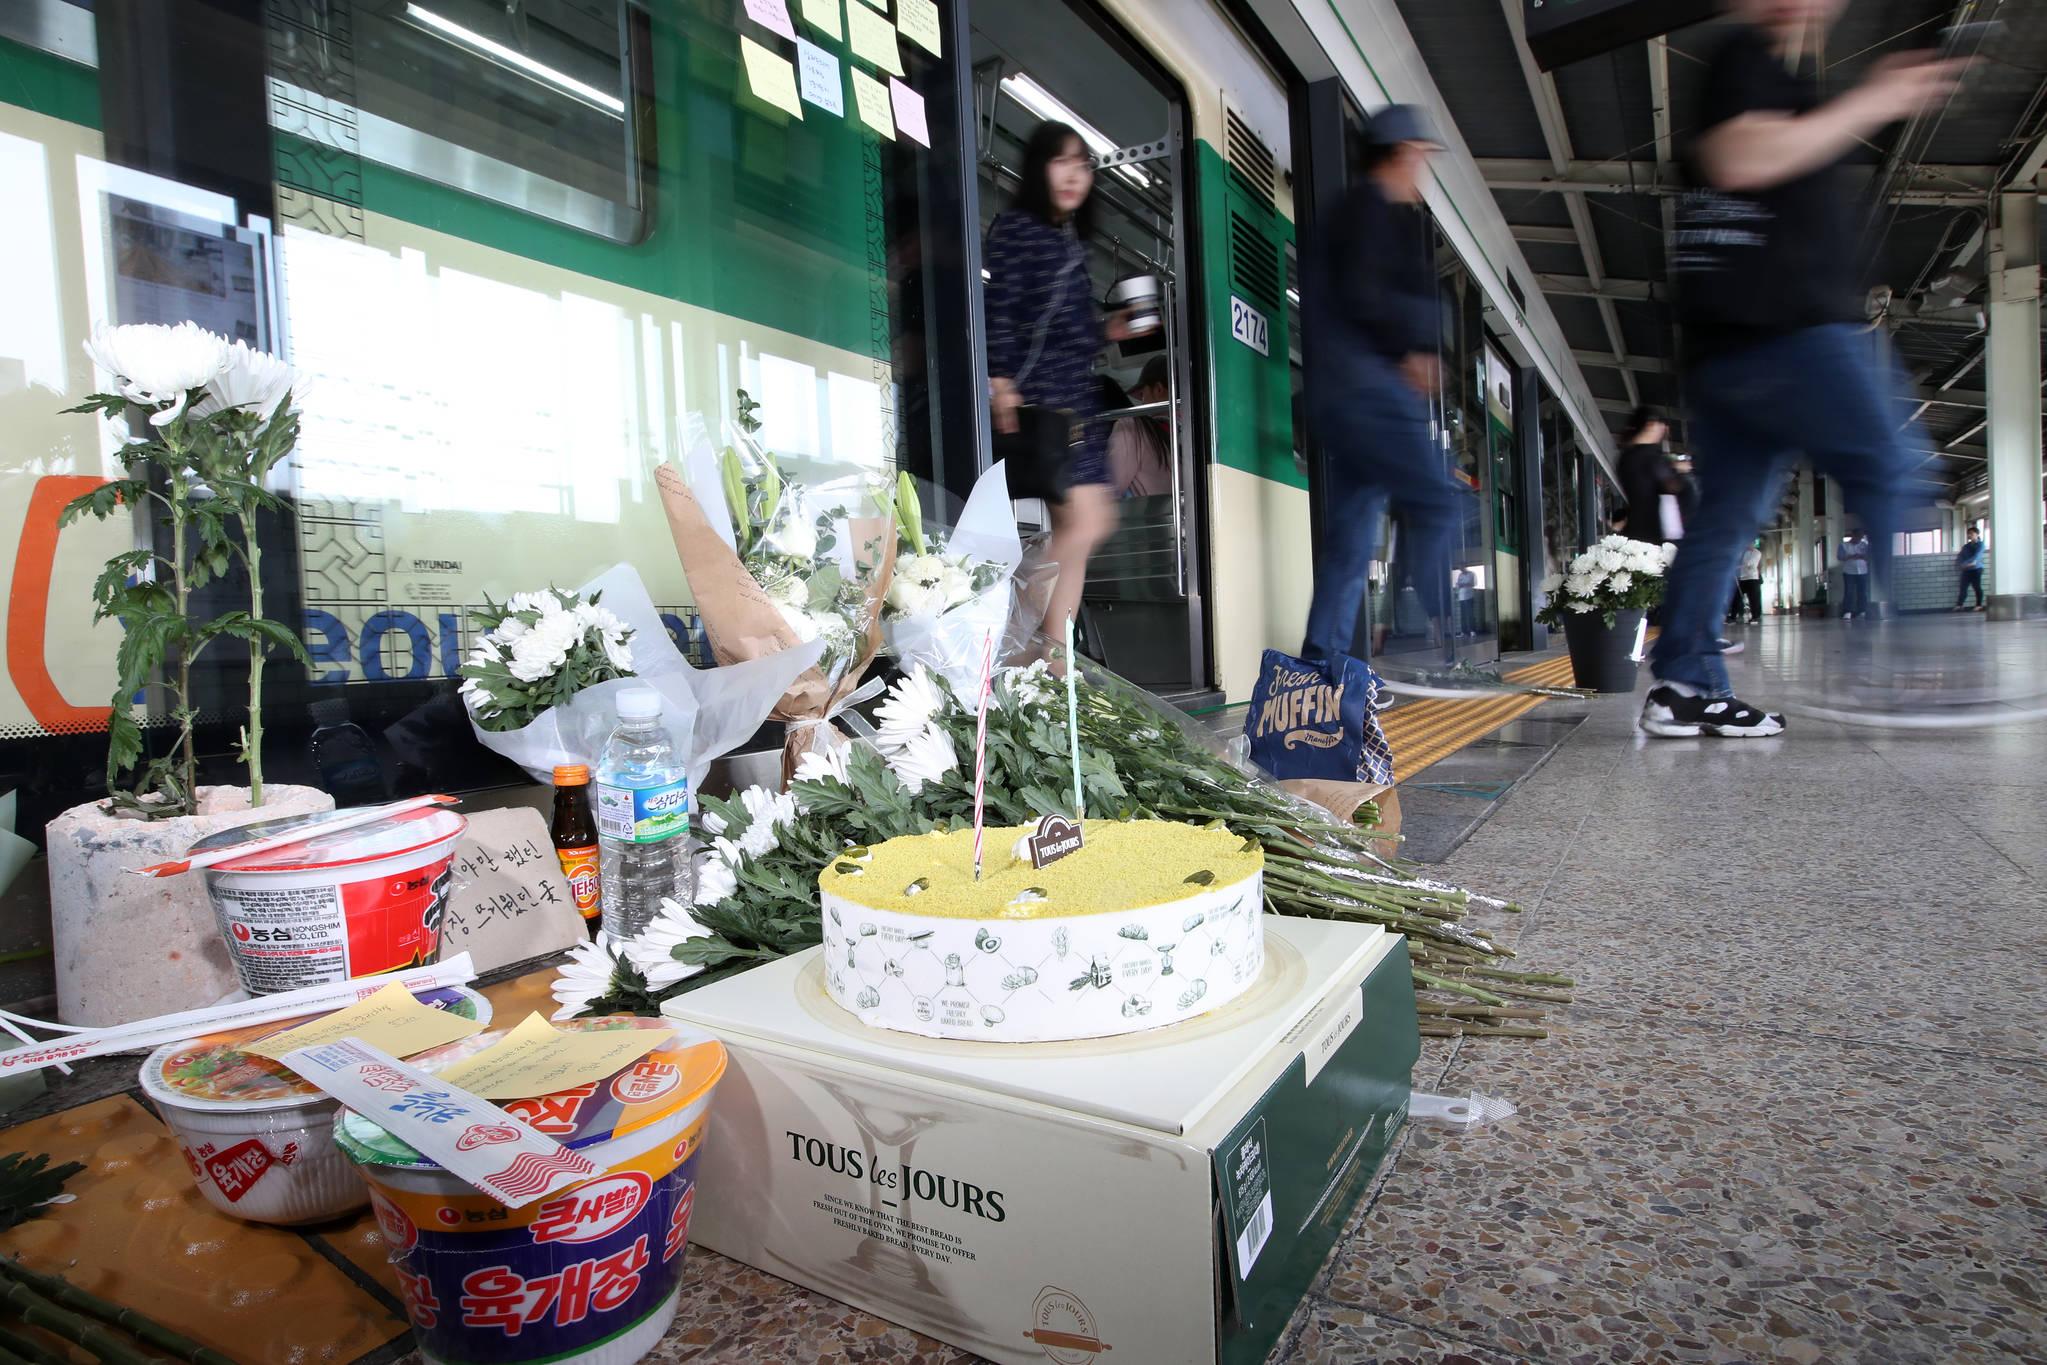 서울 광진구 지하철 2호선 구의역 스크린도어 사망 사고 1주기인 28일 당시 사고가 발생했던 9-4번 승강장 양옆으로 고인을 기리는 국화와 컵라면 케이크 등이 놓여 있다.